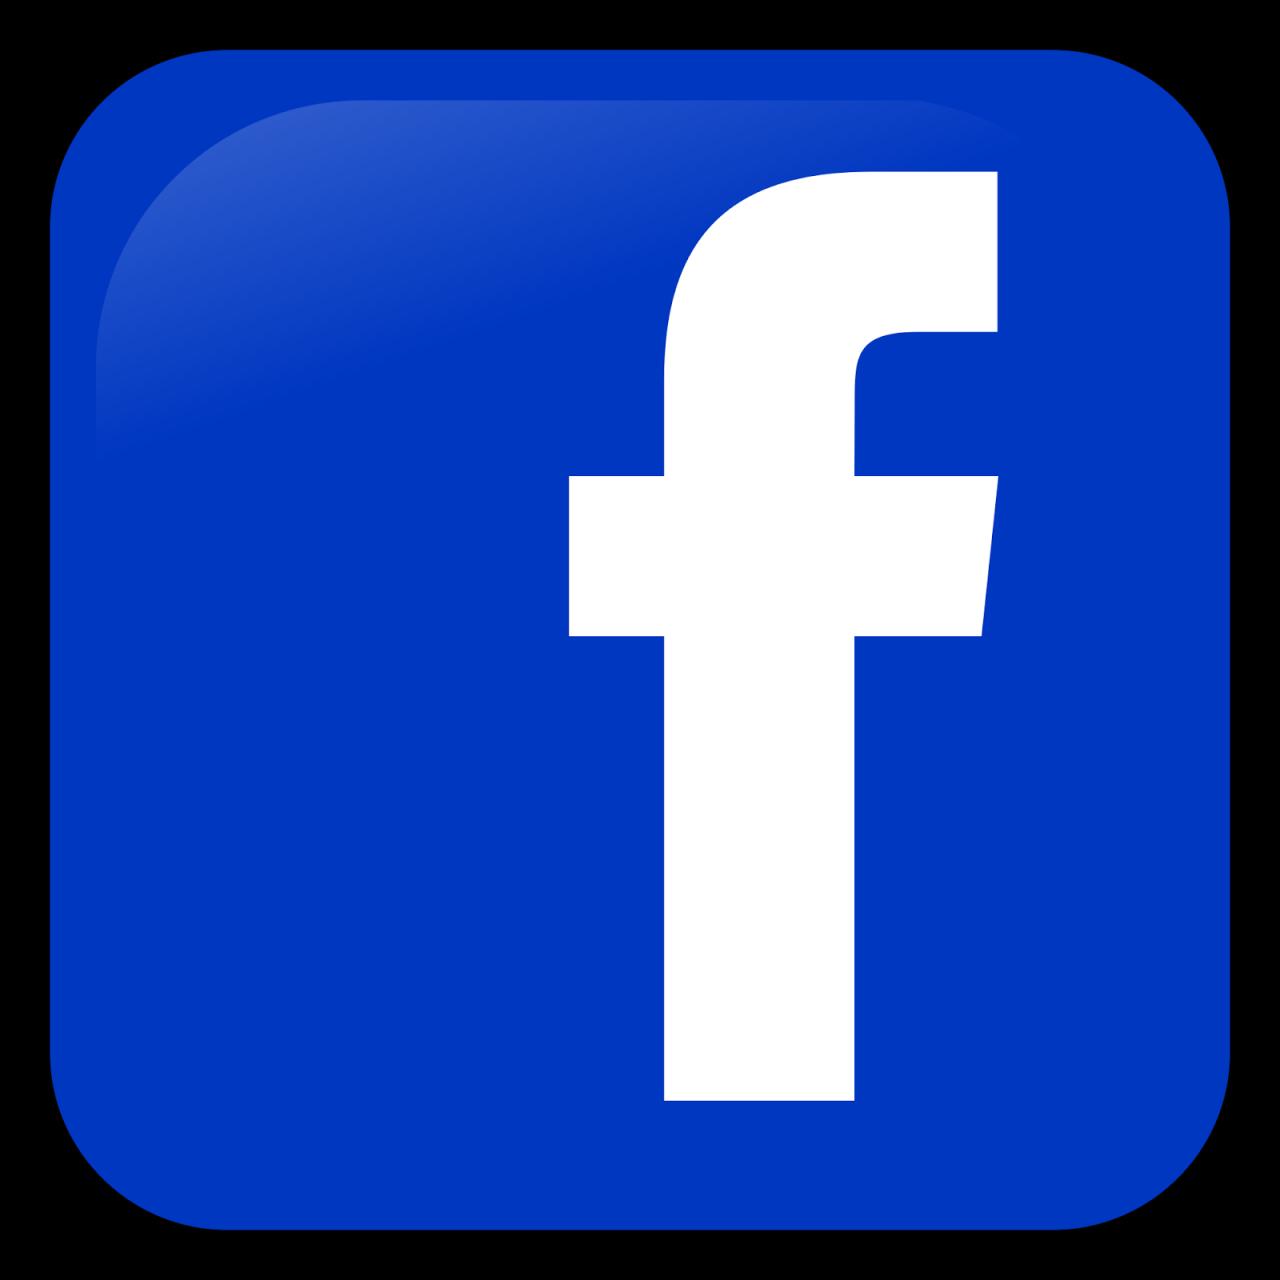 صوره معلومات عامة عن الفيس بوك